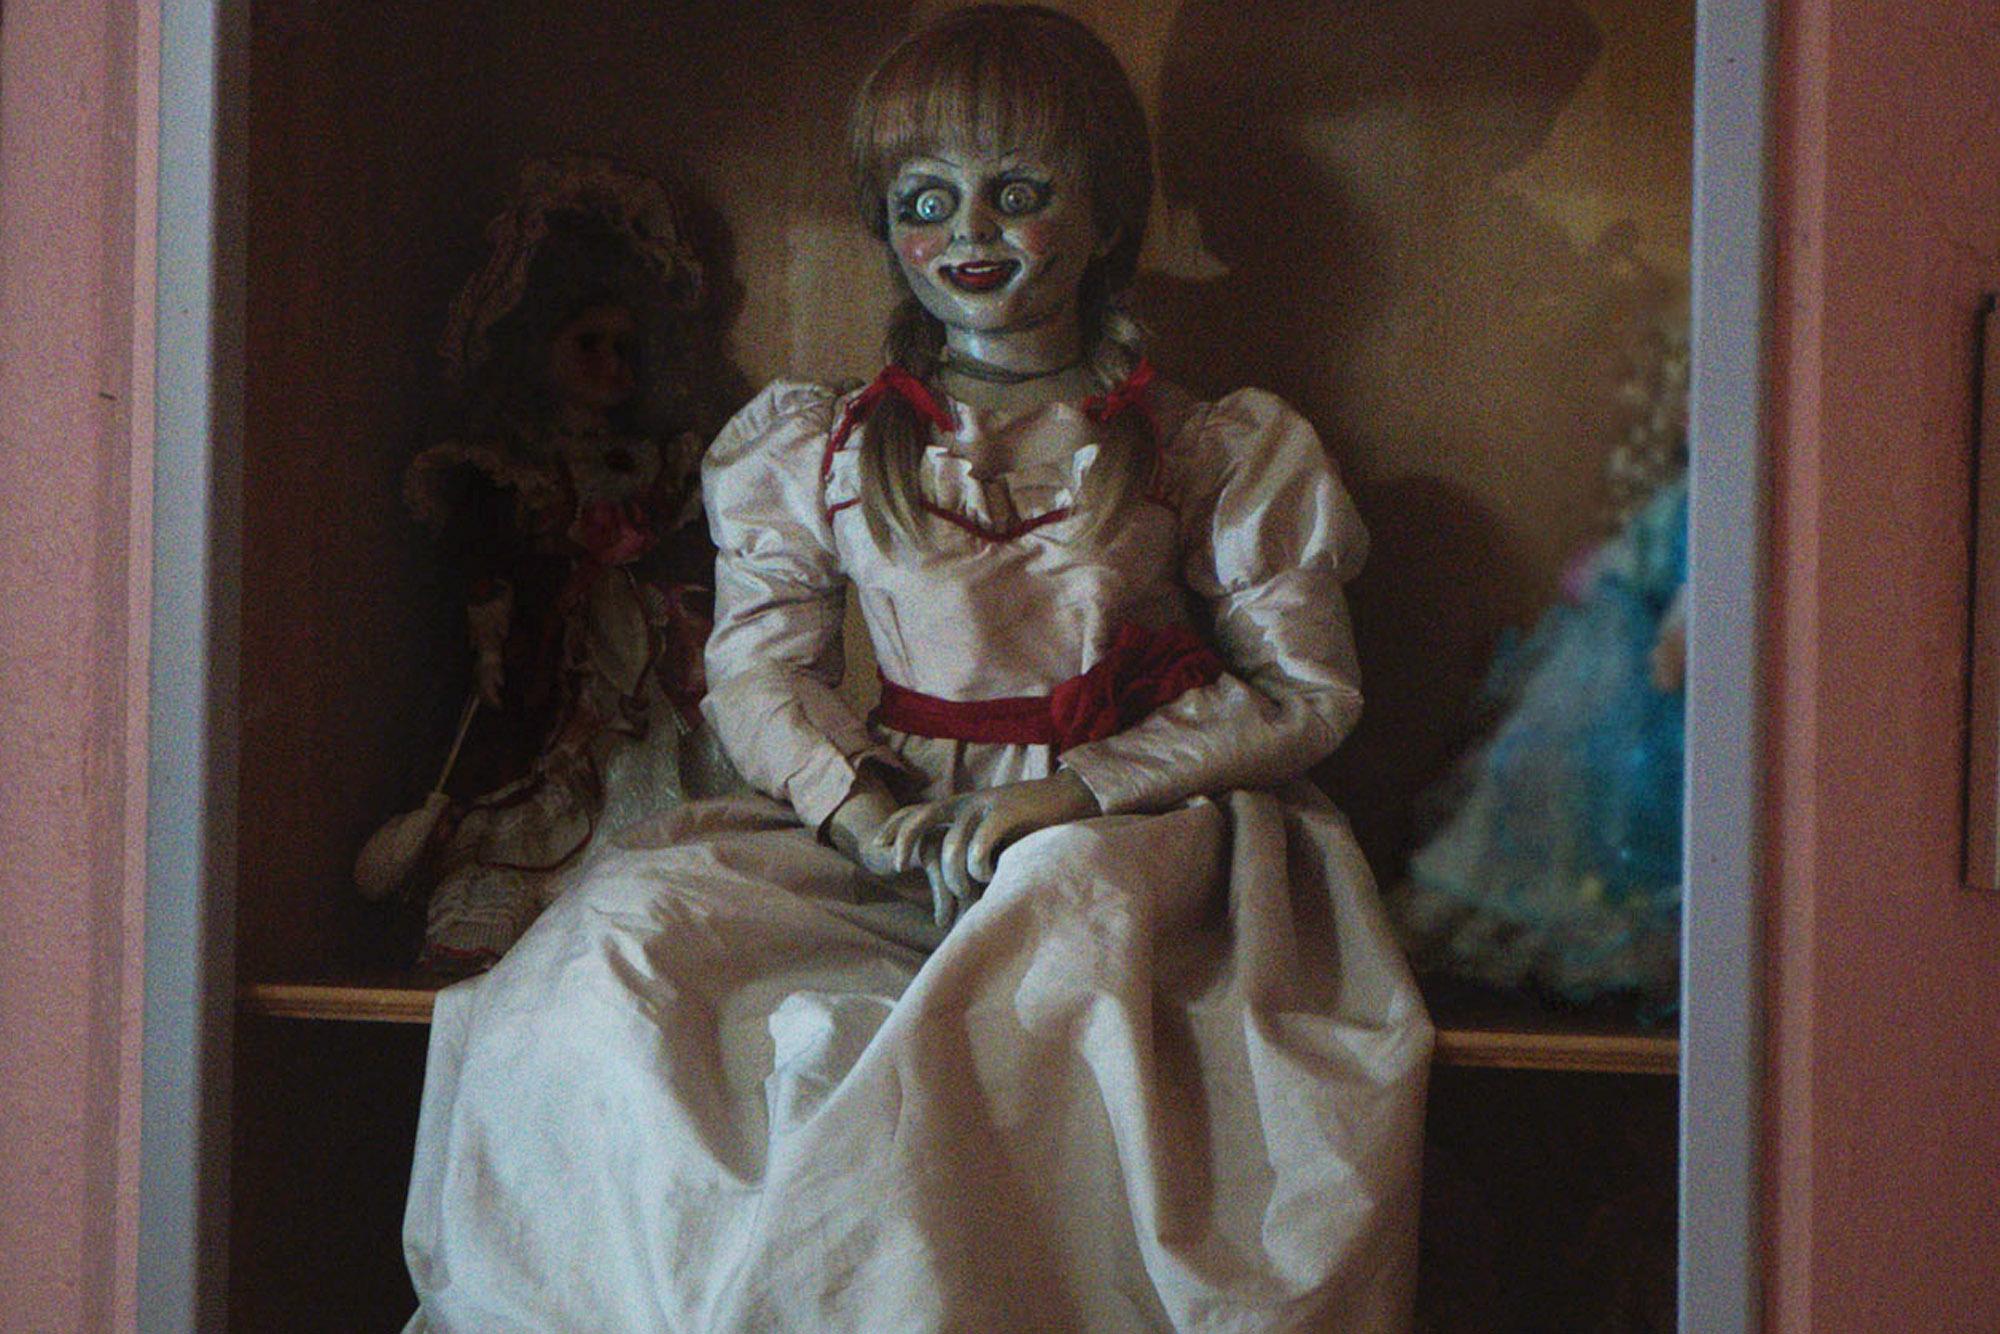 Mujer es poseída después de ver Annabelle 2